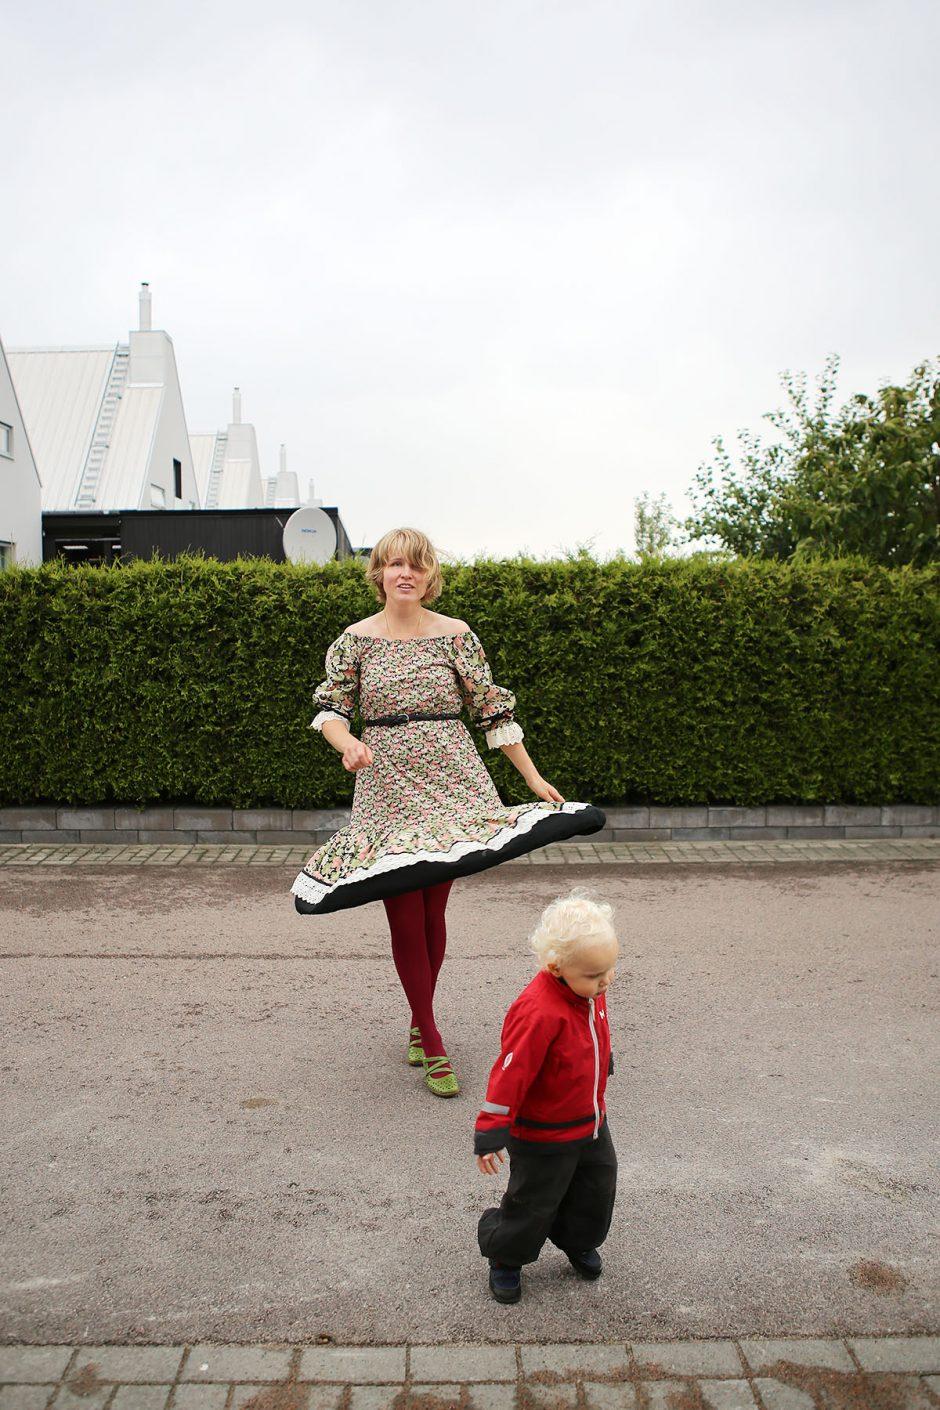 vintageklänning twirl